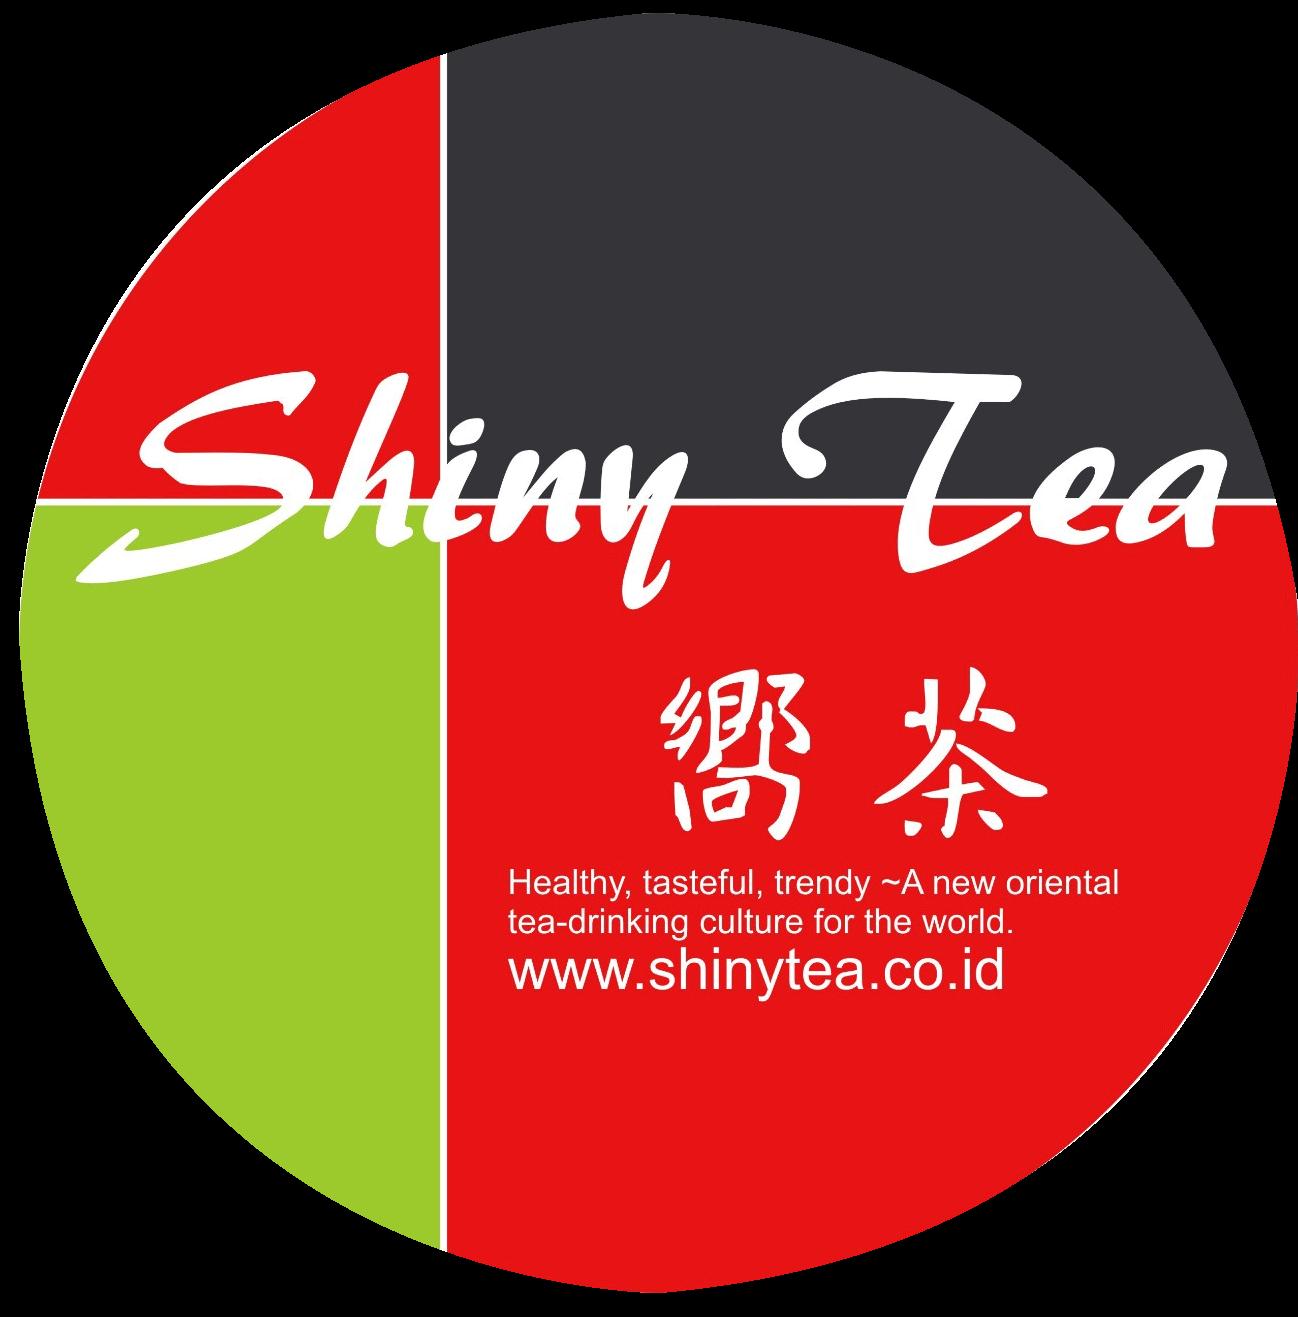 Shiny Tea